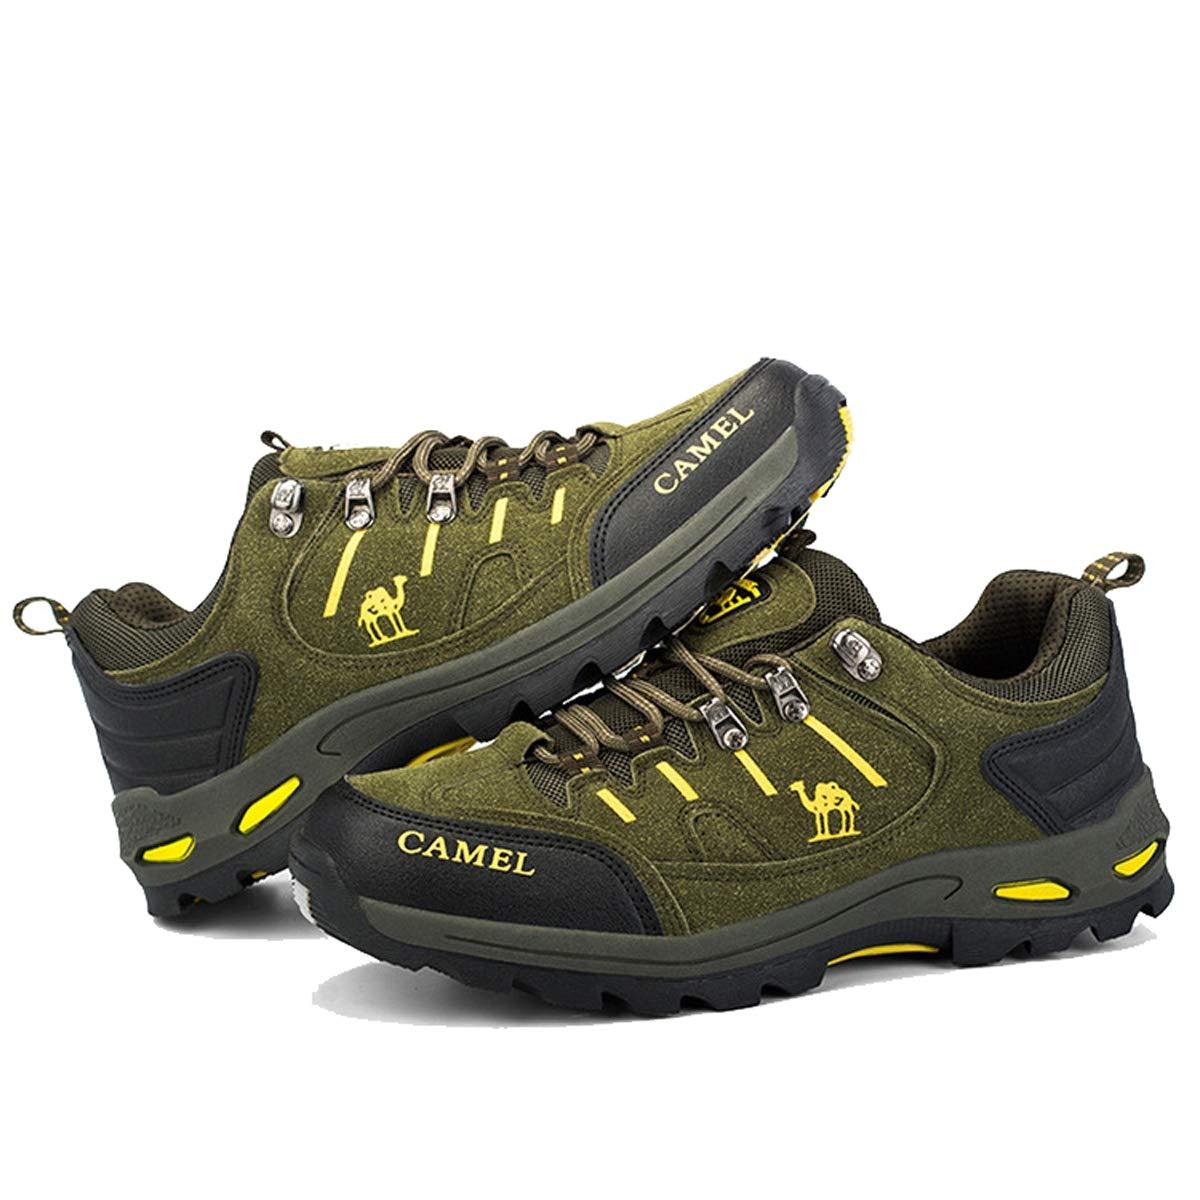 Adong Adong Adong Männer Bergsteigen Stiefel Turnschuhe Schuhe Jungle Trekking-Schuhe ow-Top-Schuhe für alle Saison,A,42EU 08c6ec